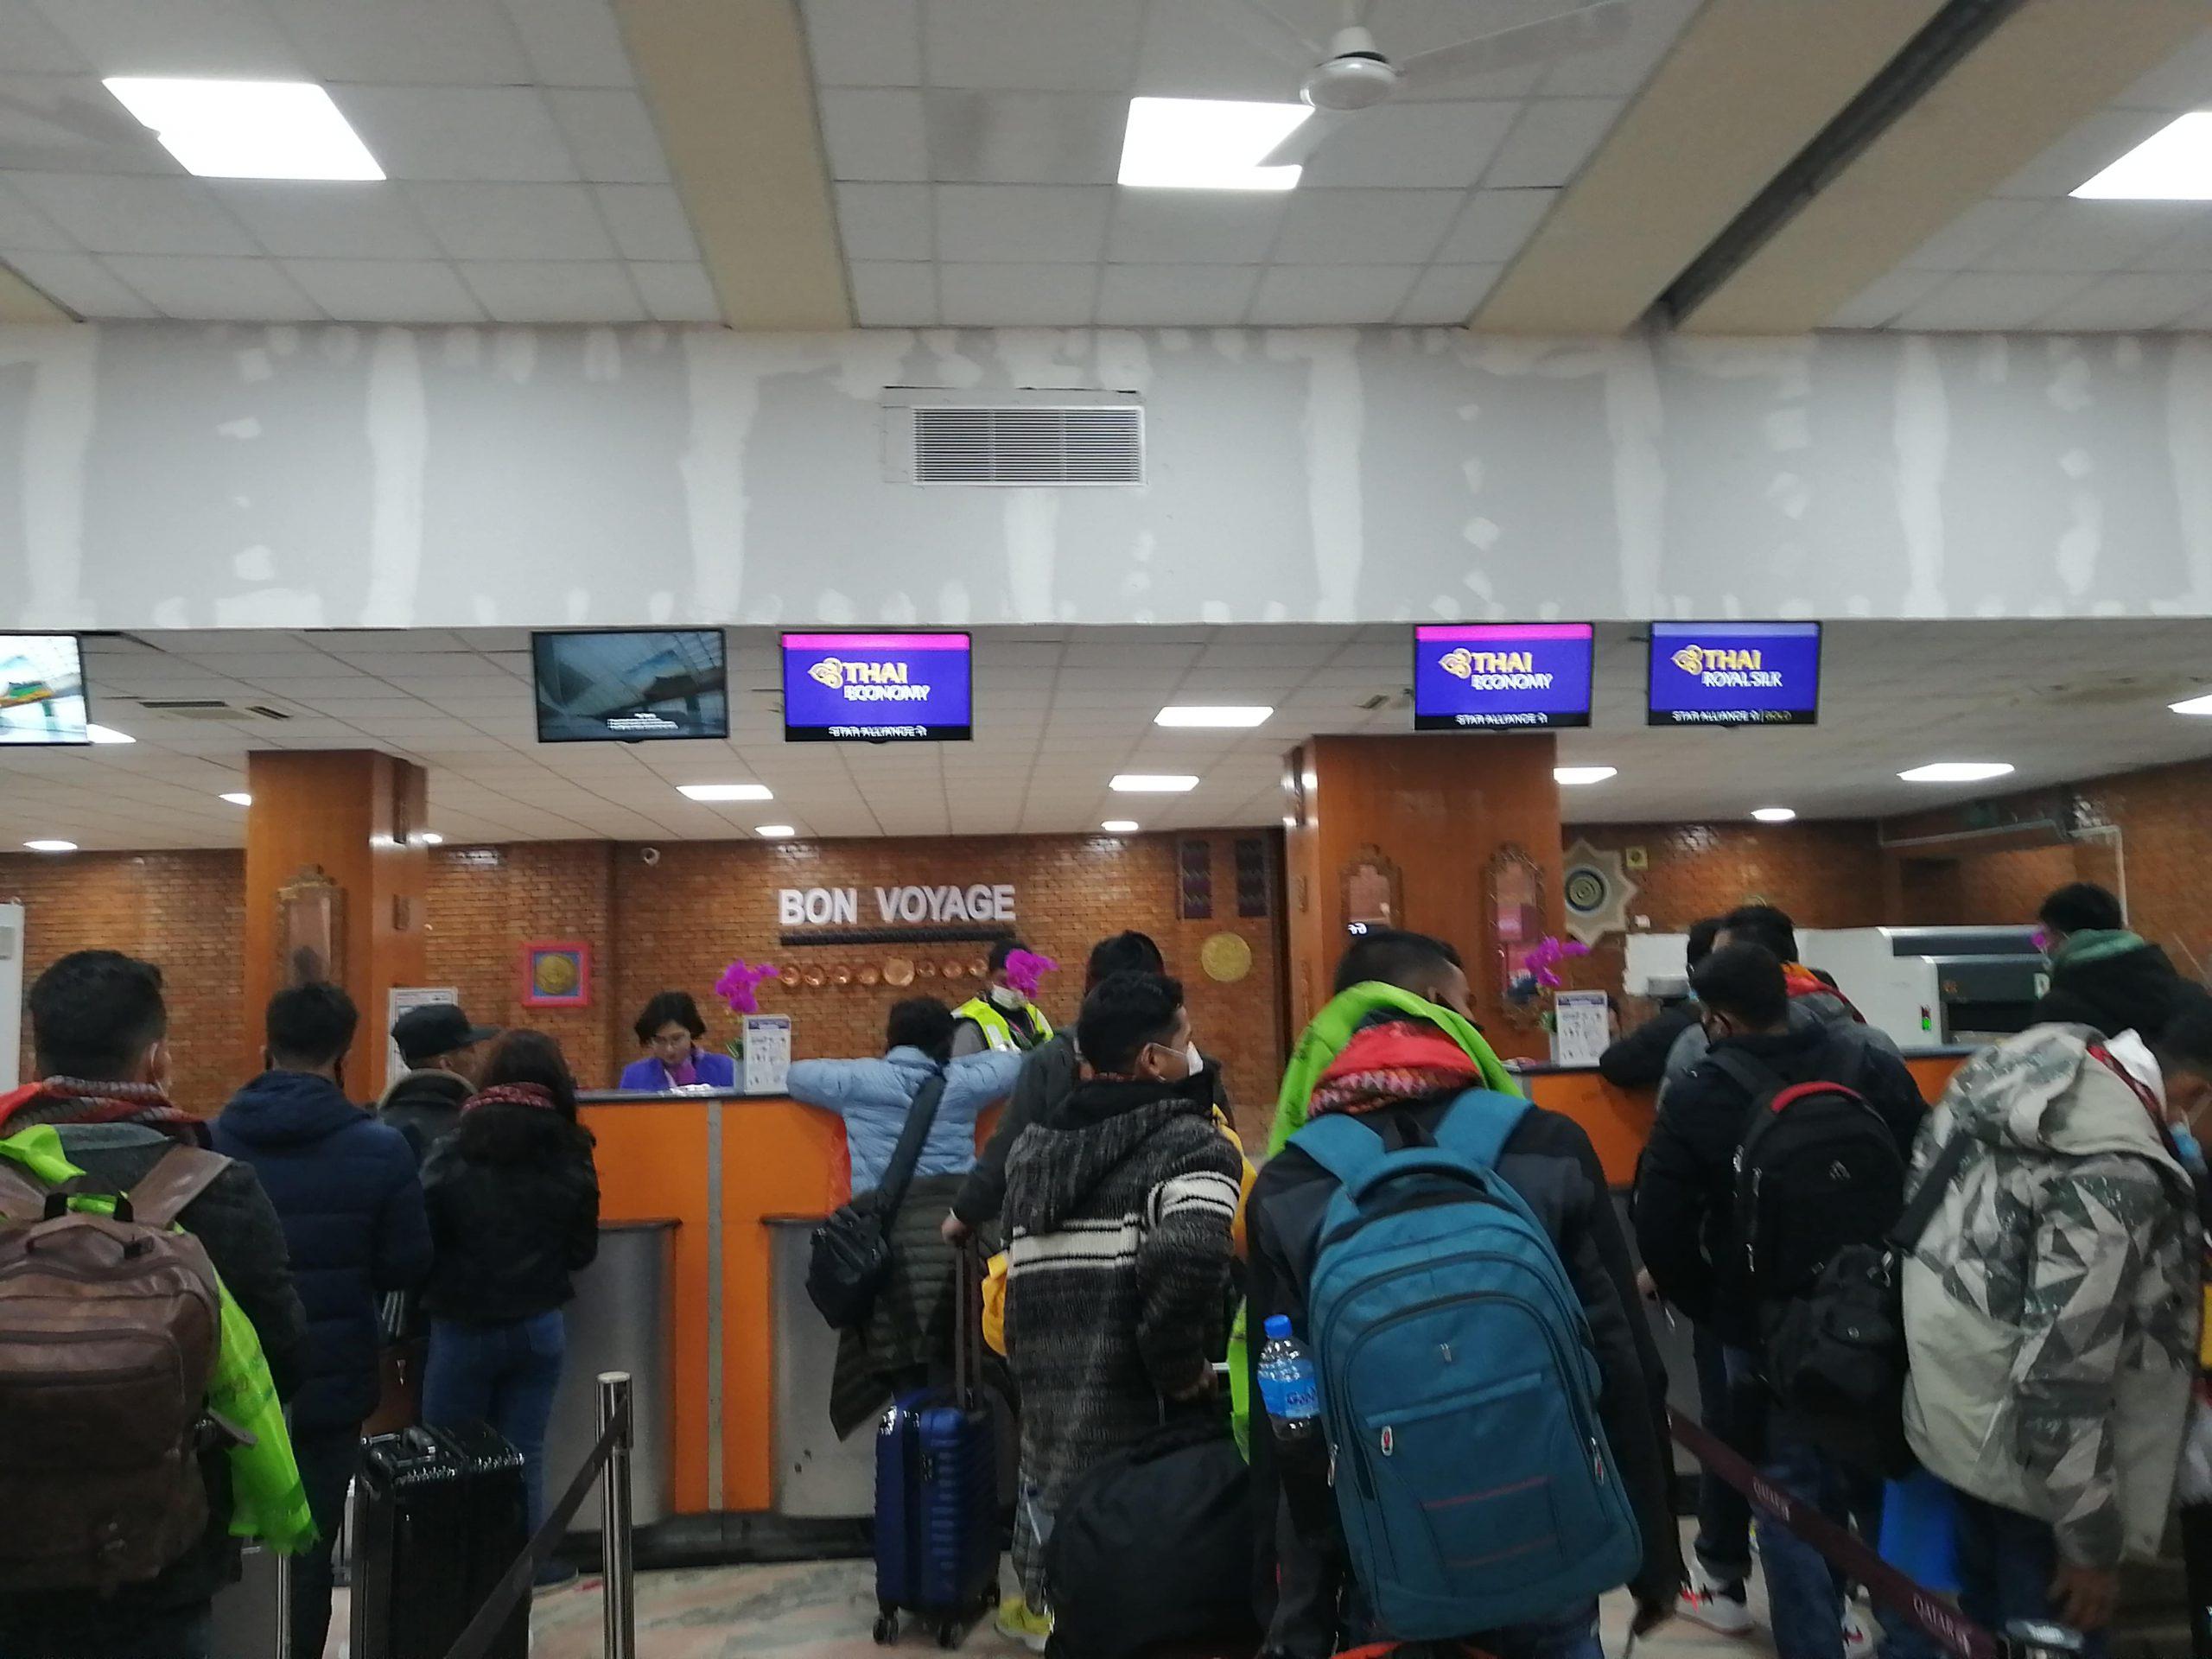 2020タルカリのネパール旅⑬『最終日 ネパールで大須の人と出会ったりした話』